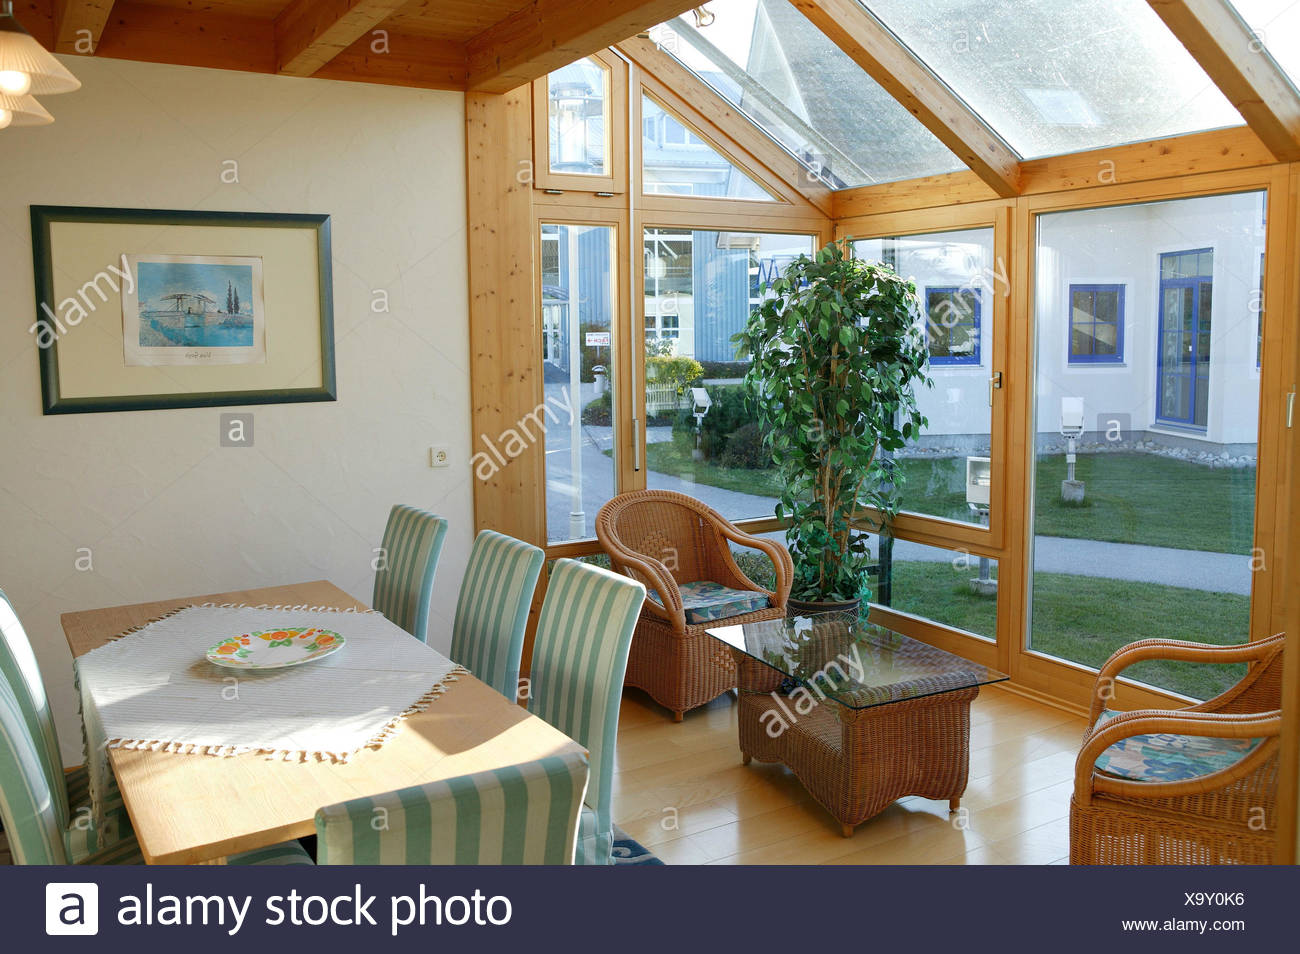 einfamilienhaus wintergarten leben platz esstisch haus wohnhaus esszimmer tisch stuhle parkett st von mobel mobel wicker sessel einrichtung